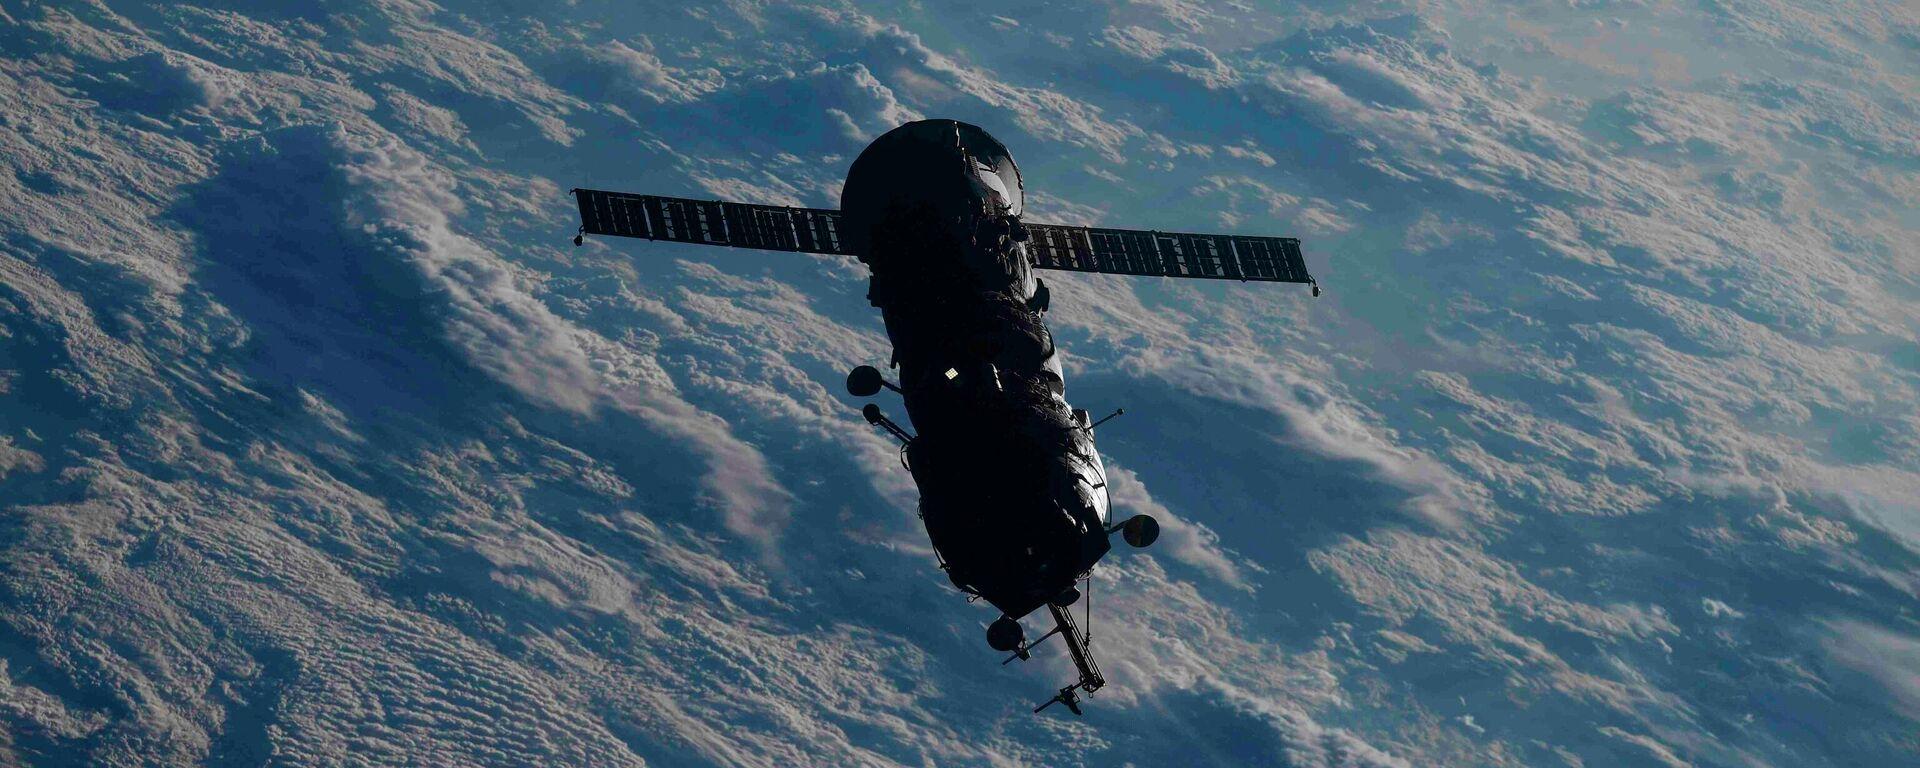 Russisches Andockmodul Pirs nach dem Abkoppeln von der Internationalen Weltraumstation ISS. 26. Juli 2021 - SNA, 1920, 26.07.2021